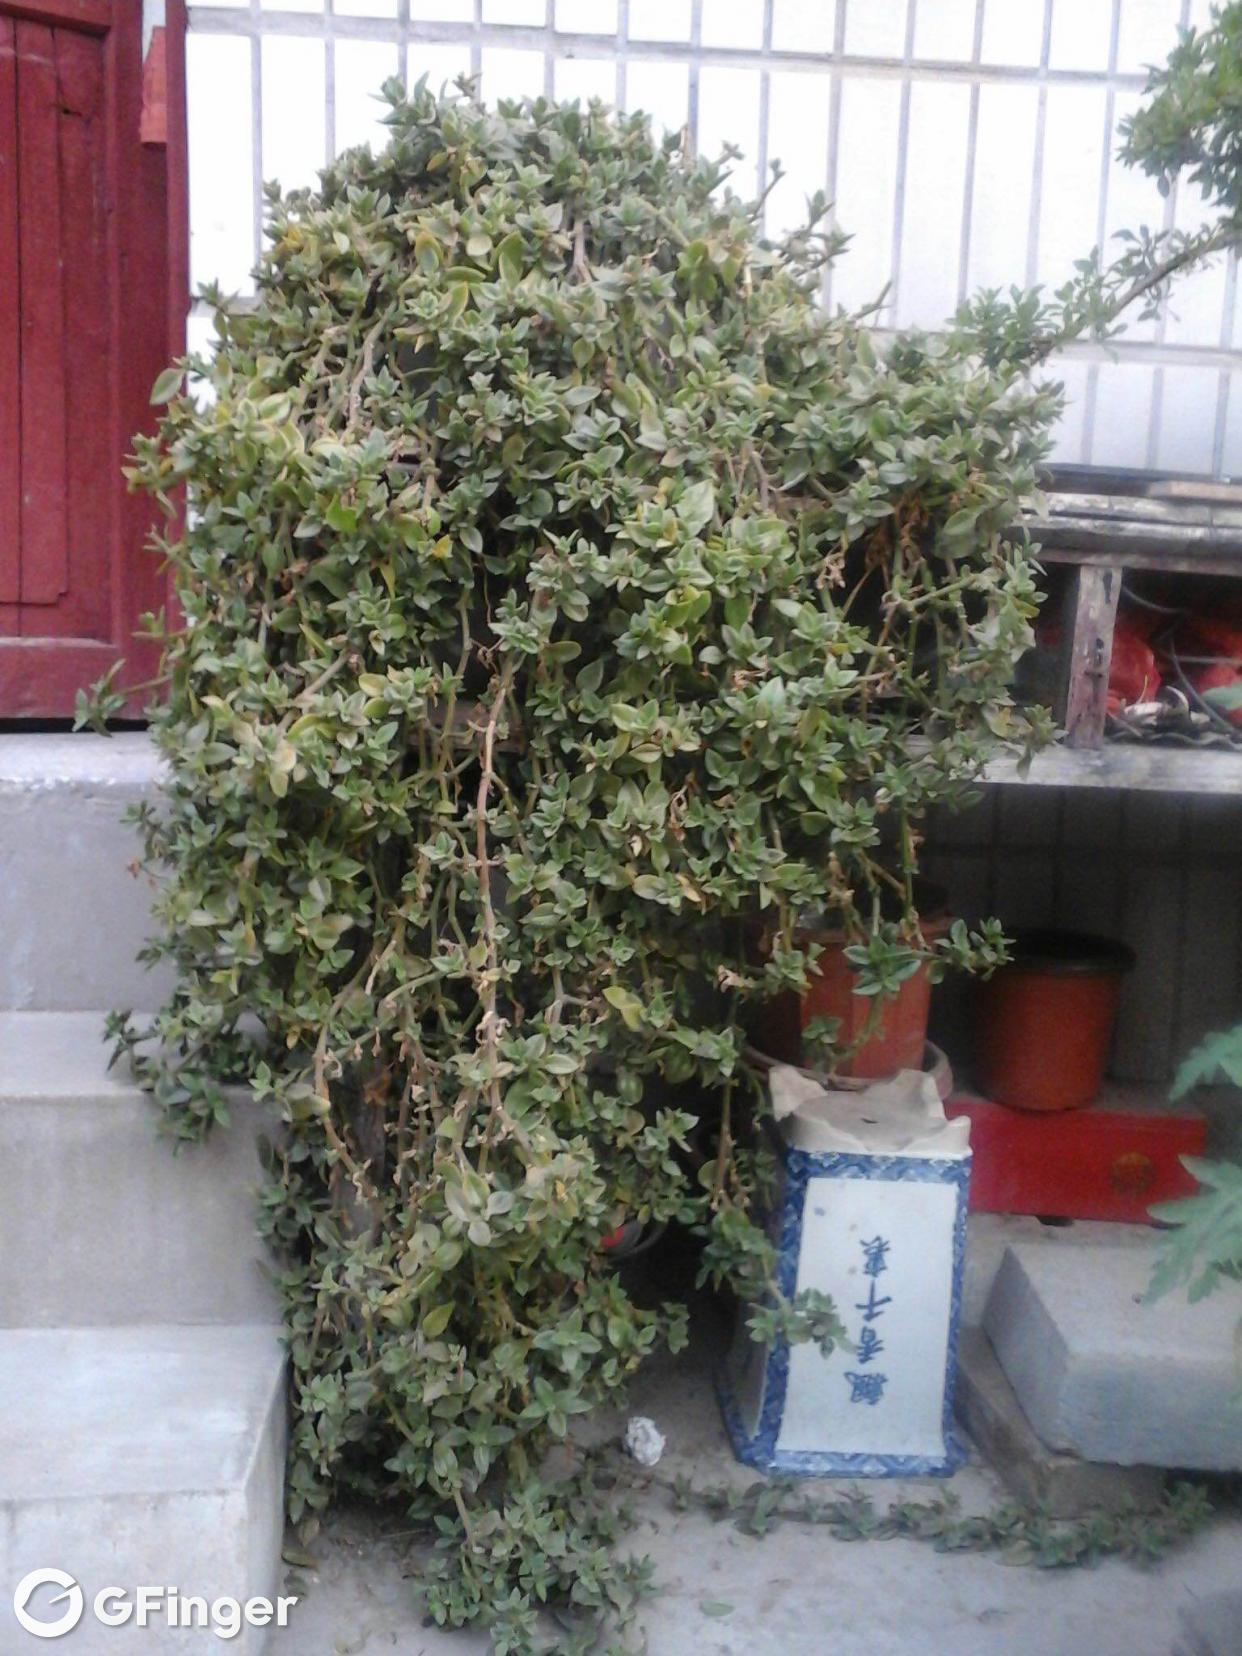 @绿树紫箩   这是最大的那盆花冬季越冬的照片。盆盆大小亲自己感受下哈 。墙上的小瓷砖一块估计也就30-40cm高吧。